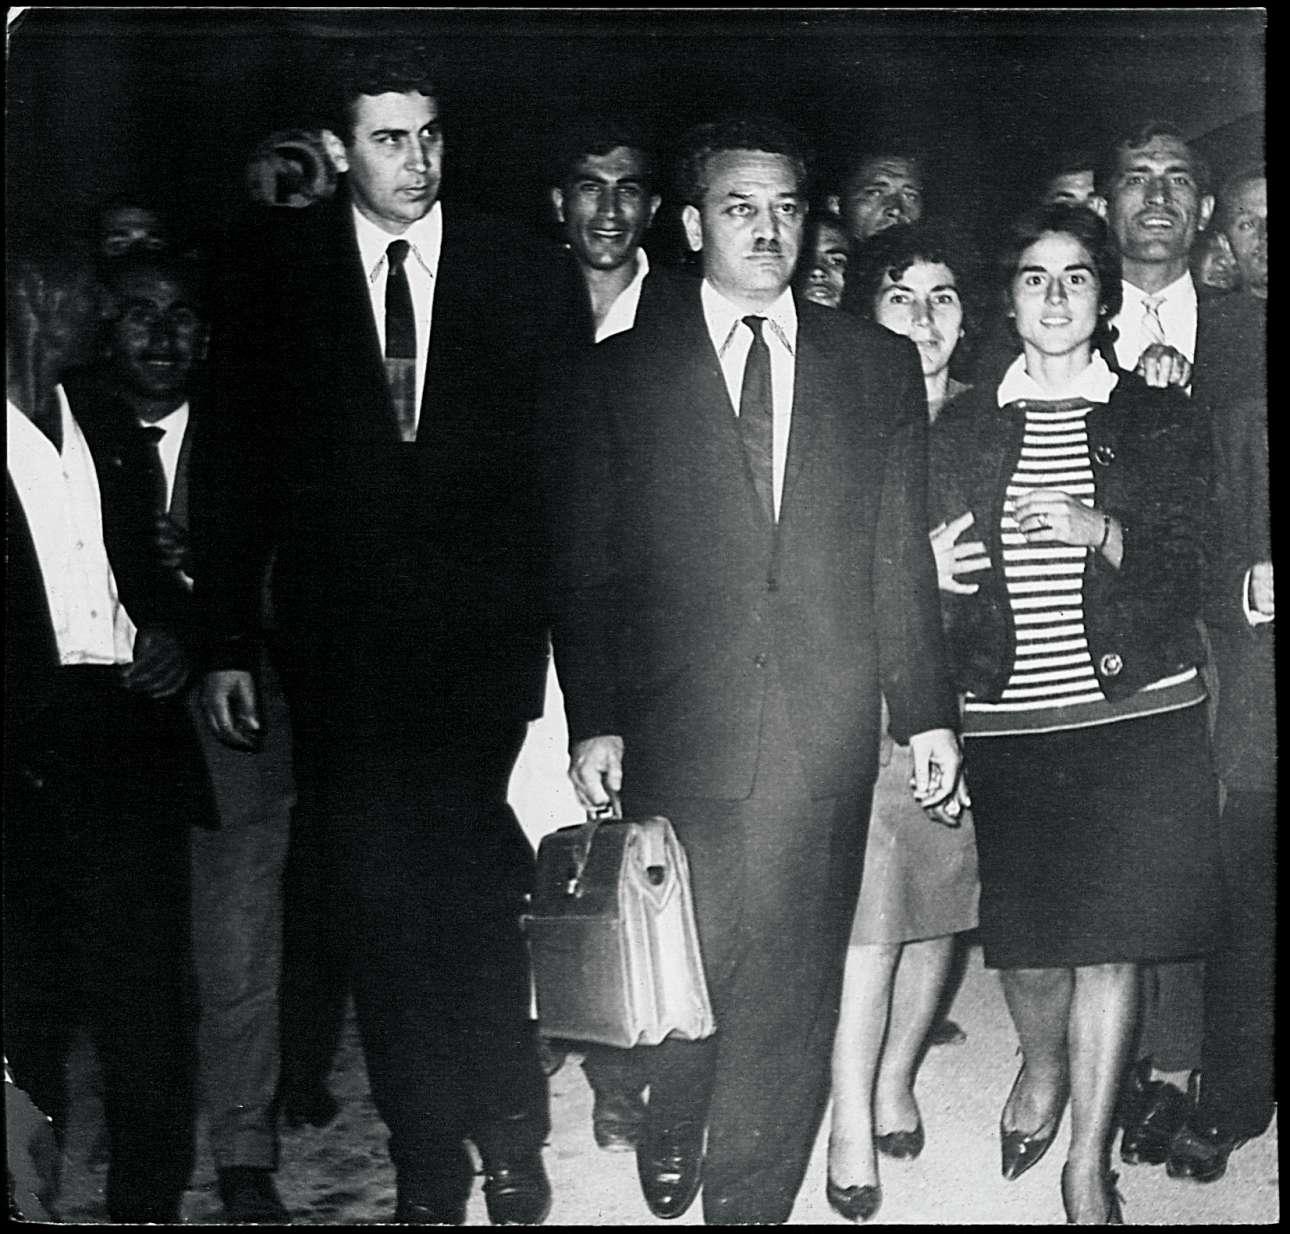 Μάιος 1963. Μαζί με τον Μίκη Θεοδωράκη καταφθάνουν στο νοσοκομείο ΑΧΕΠΑ, στη Θεσσαλονίκη,  όπου νοσηλεύεται βαρύτατα τραυματισμένος από τους παρακρατικούς ο βουλευτής της ΕΔΑ Γρηγόρης Λαμπράκης